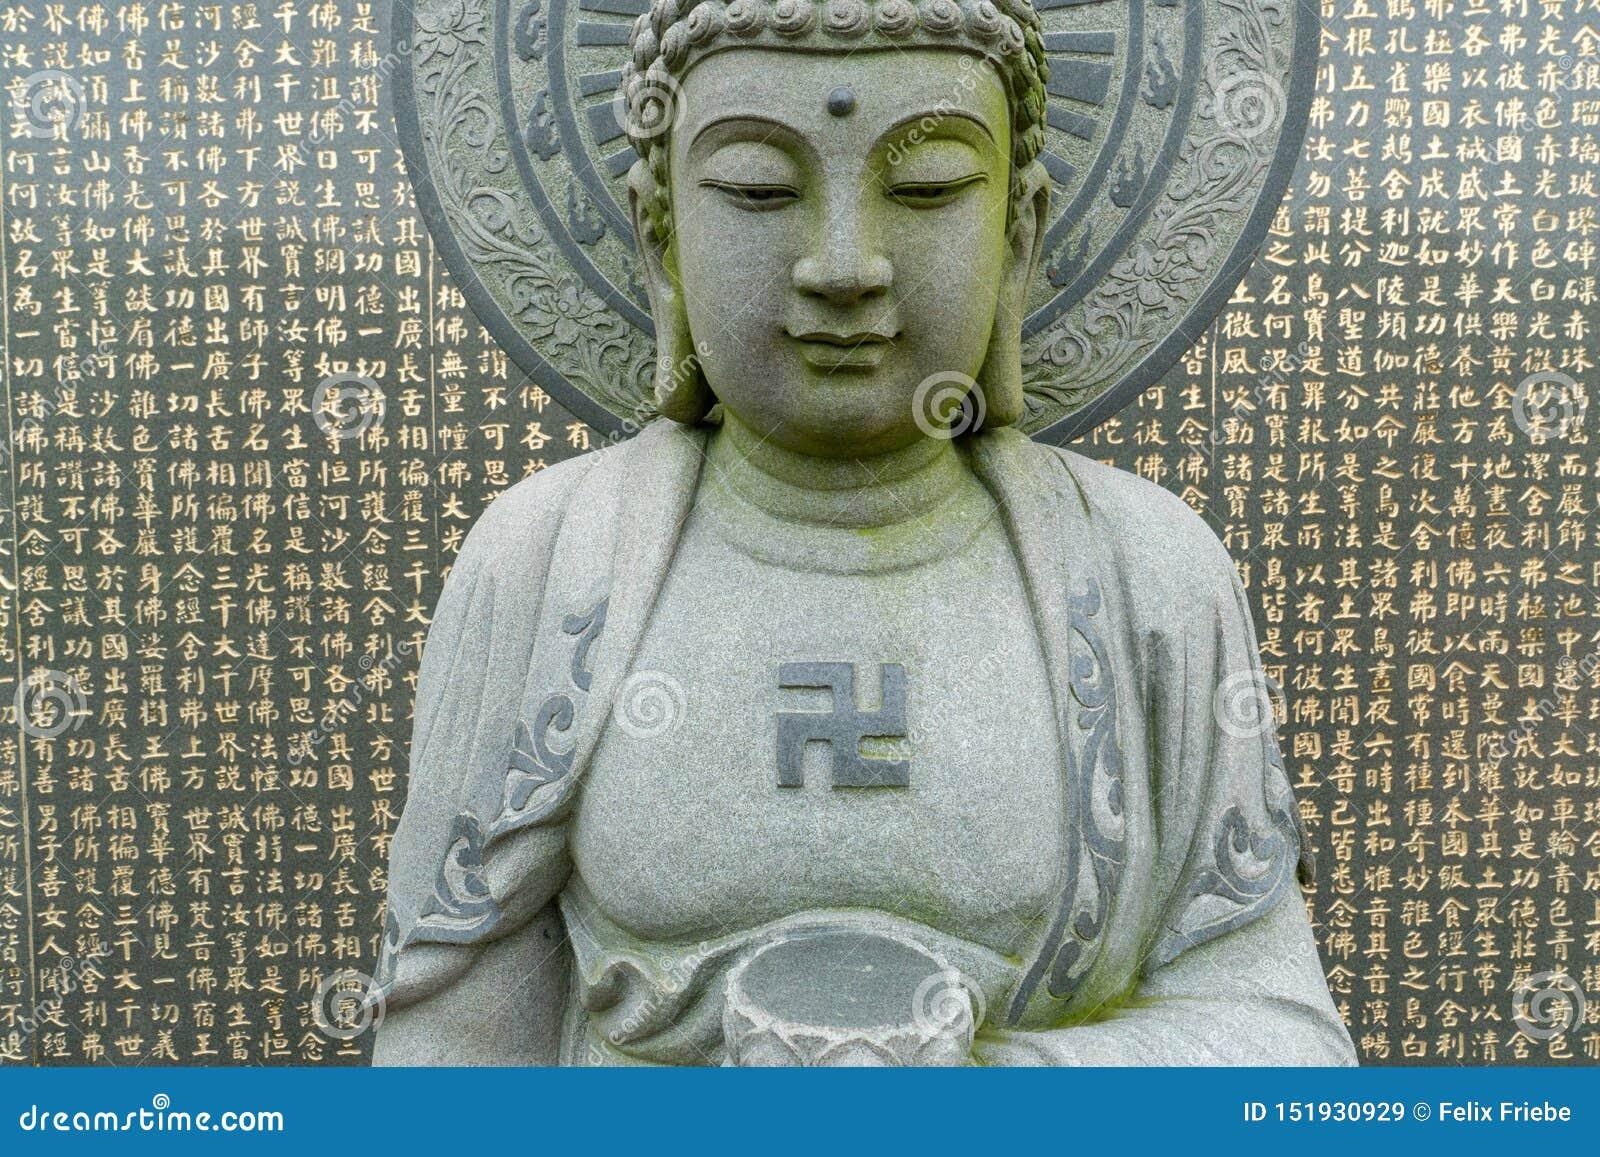 Scultura di Relegious con la svastica sull isola di Kinmen, Taiwan